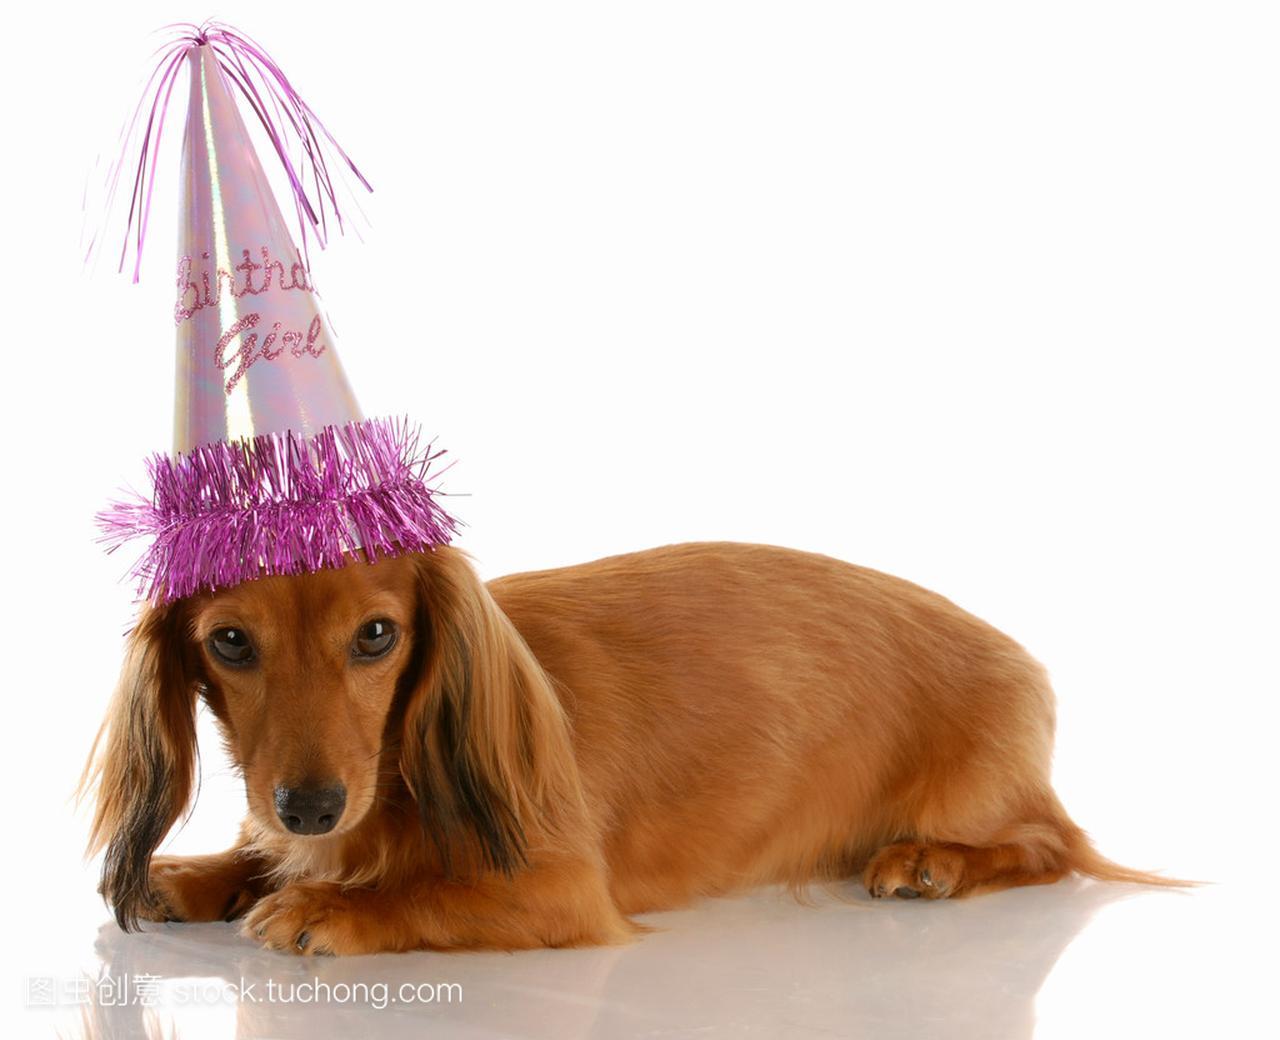 小型生日狗狗戴腋毛长毛帽子女生器女孩图片